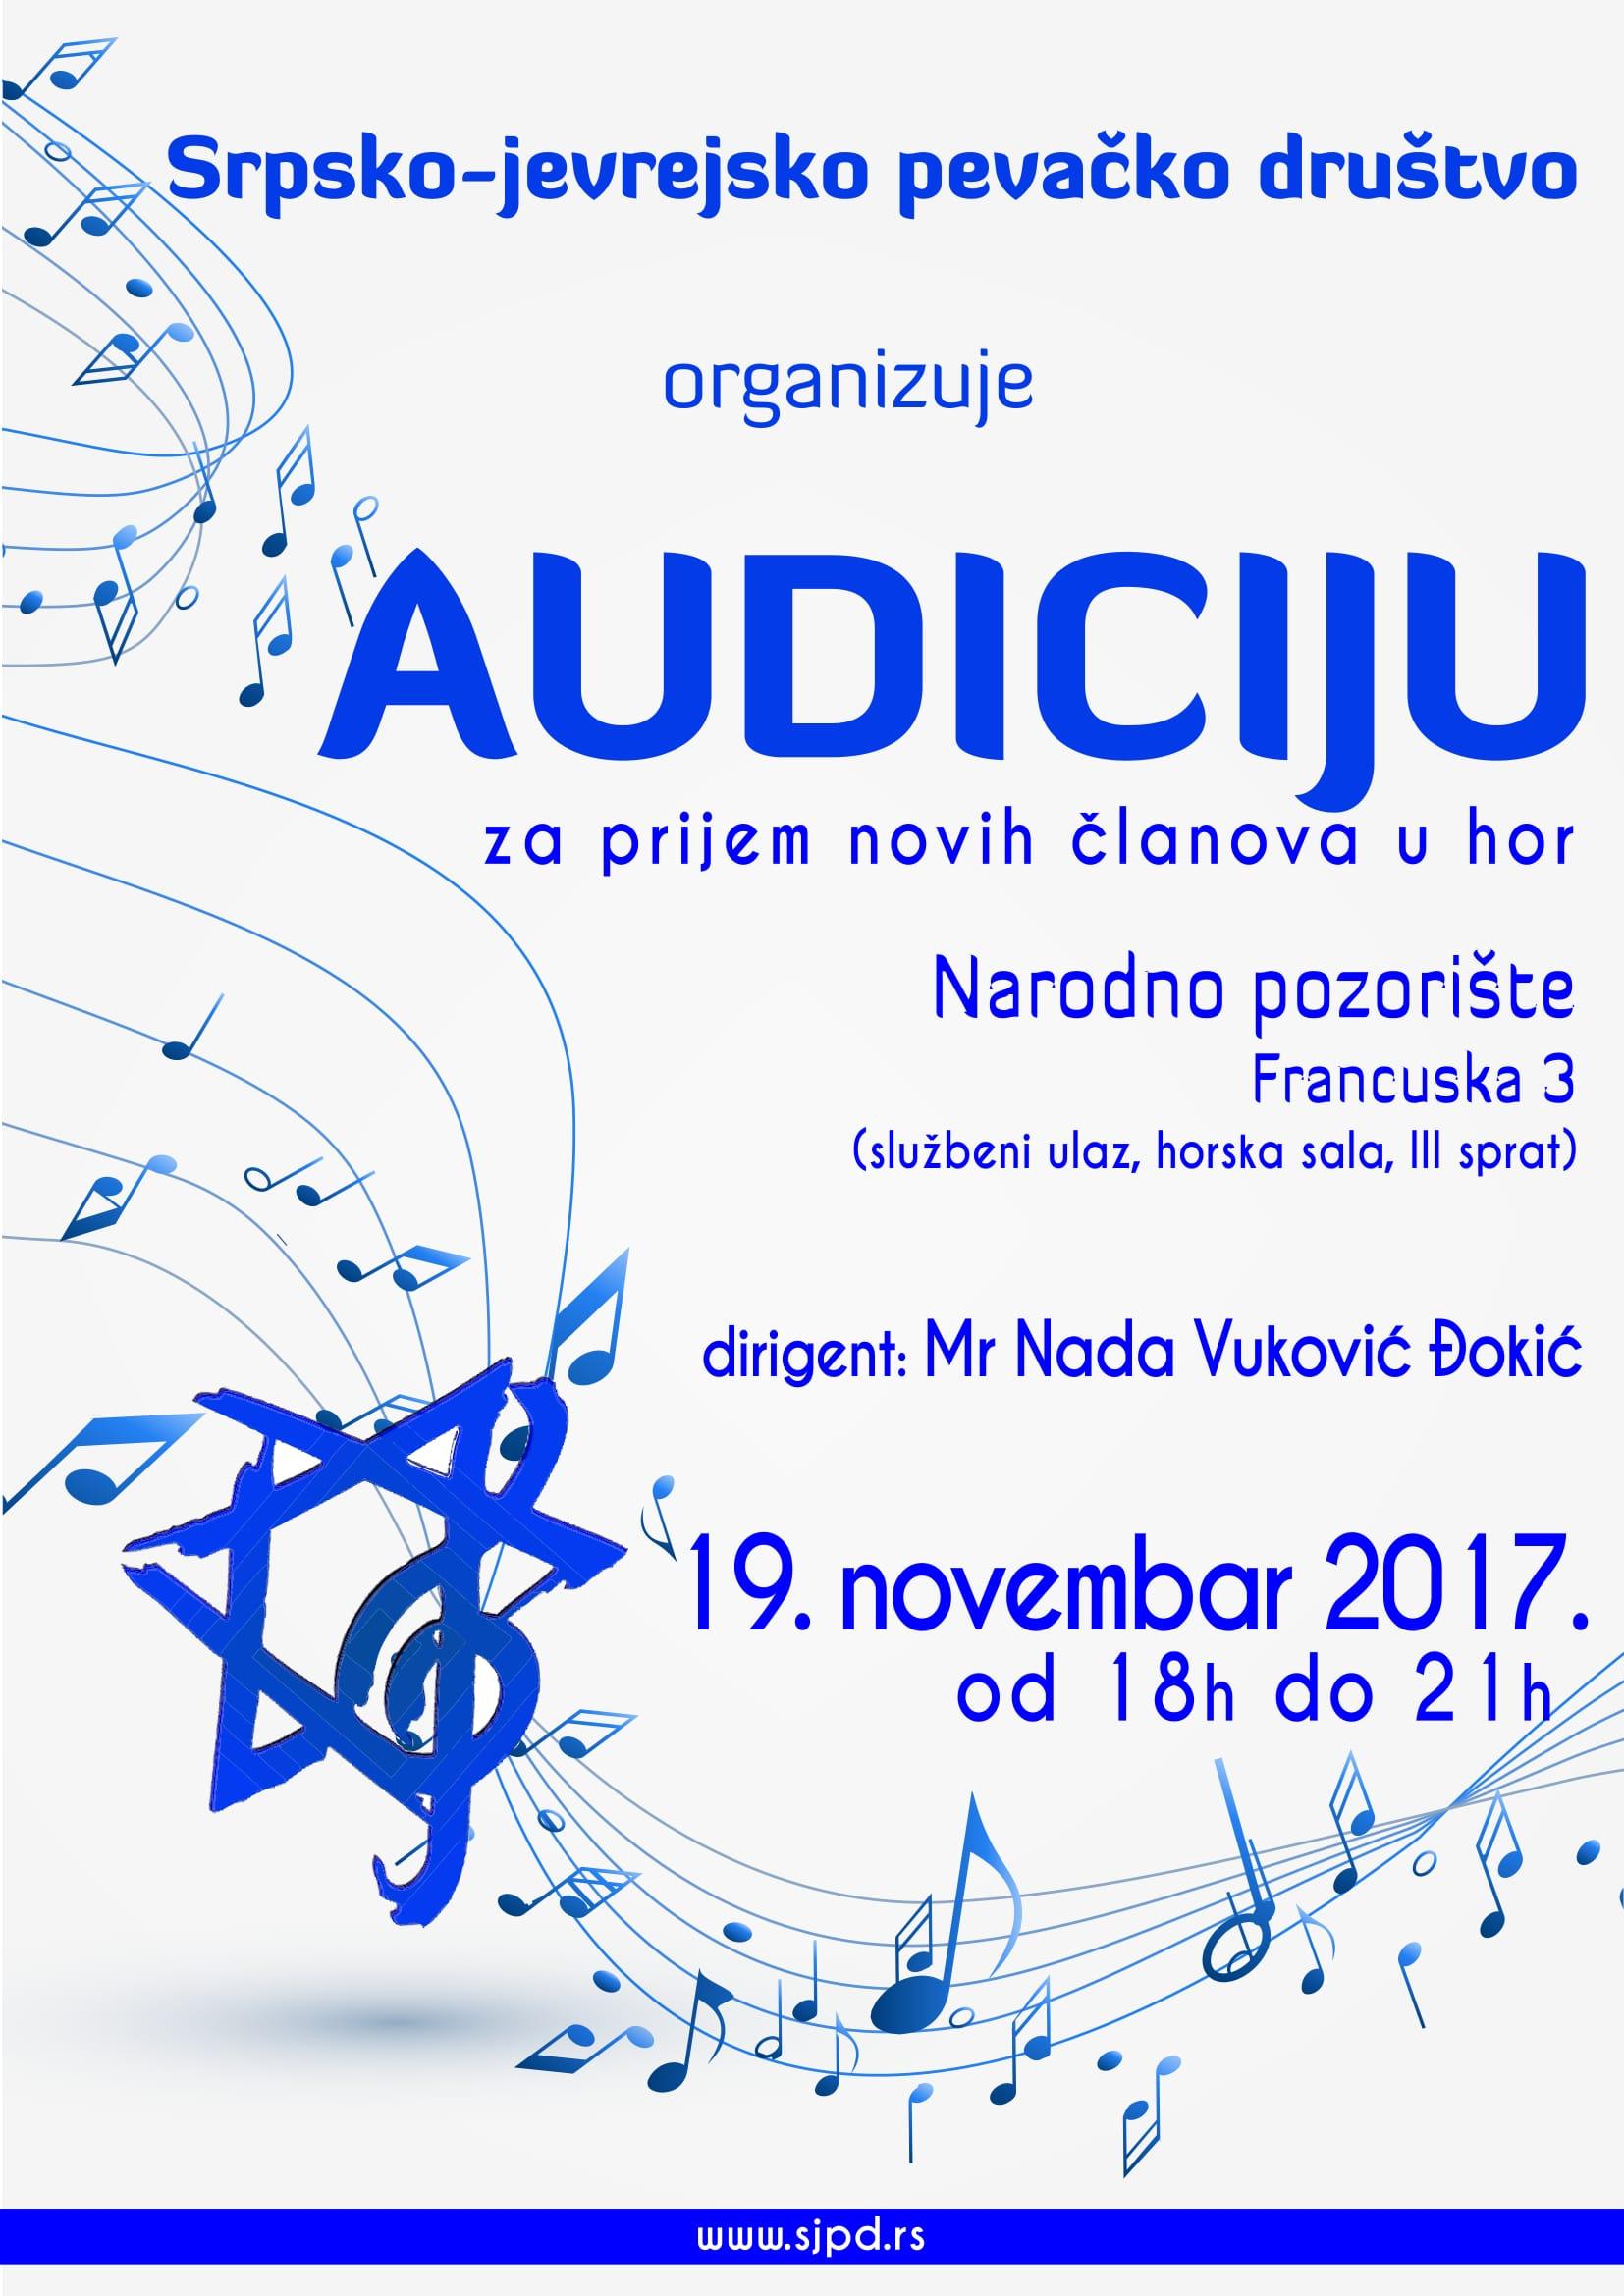 SPJD Audicija17 1 AUDICIJA   PRIJEM NOVIH ČLANOVA